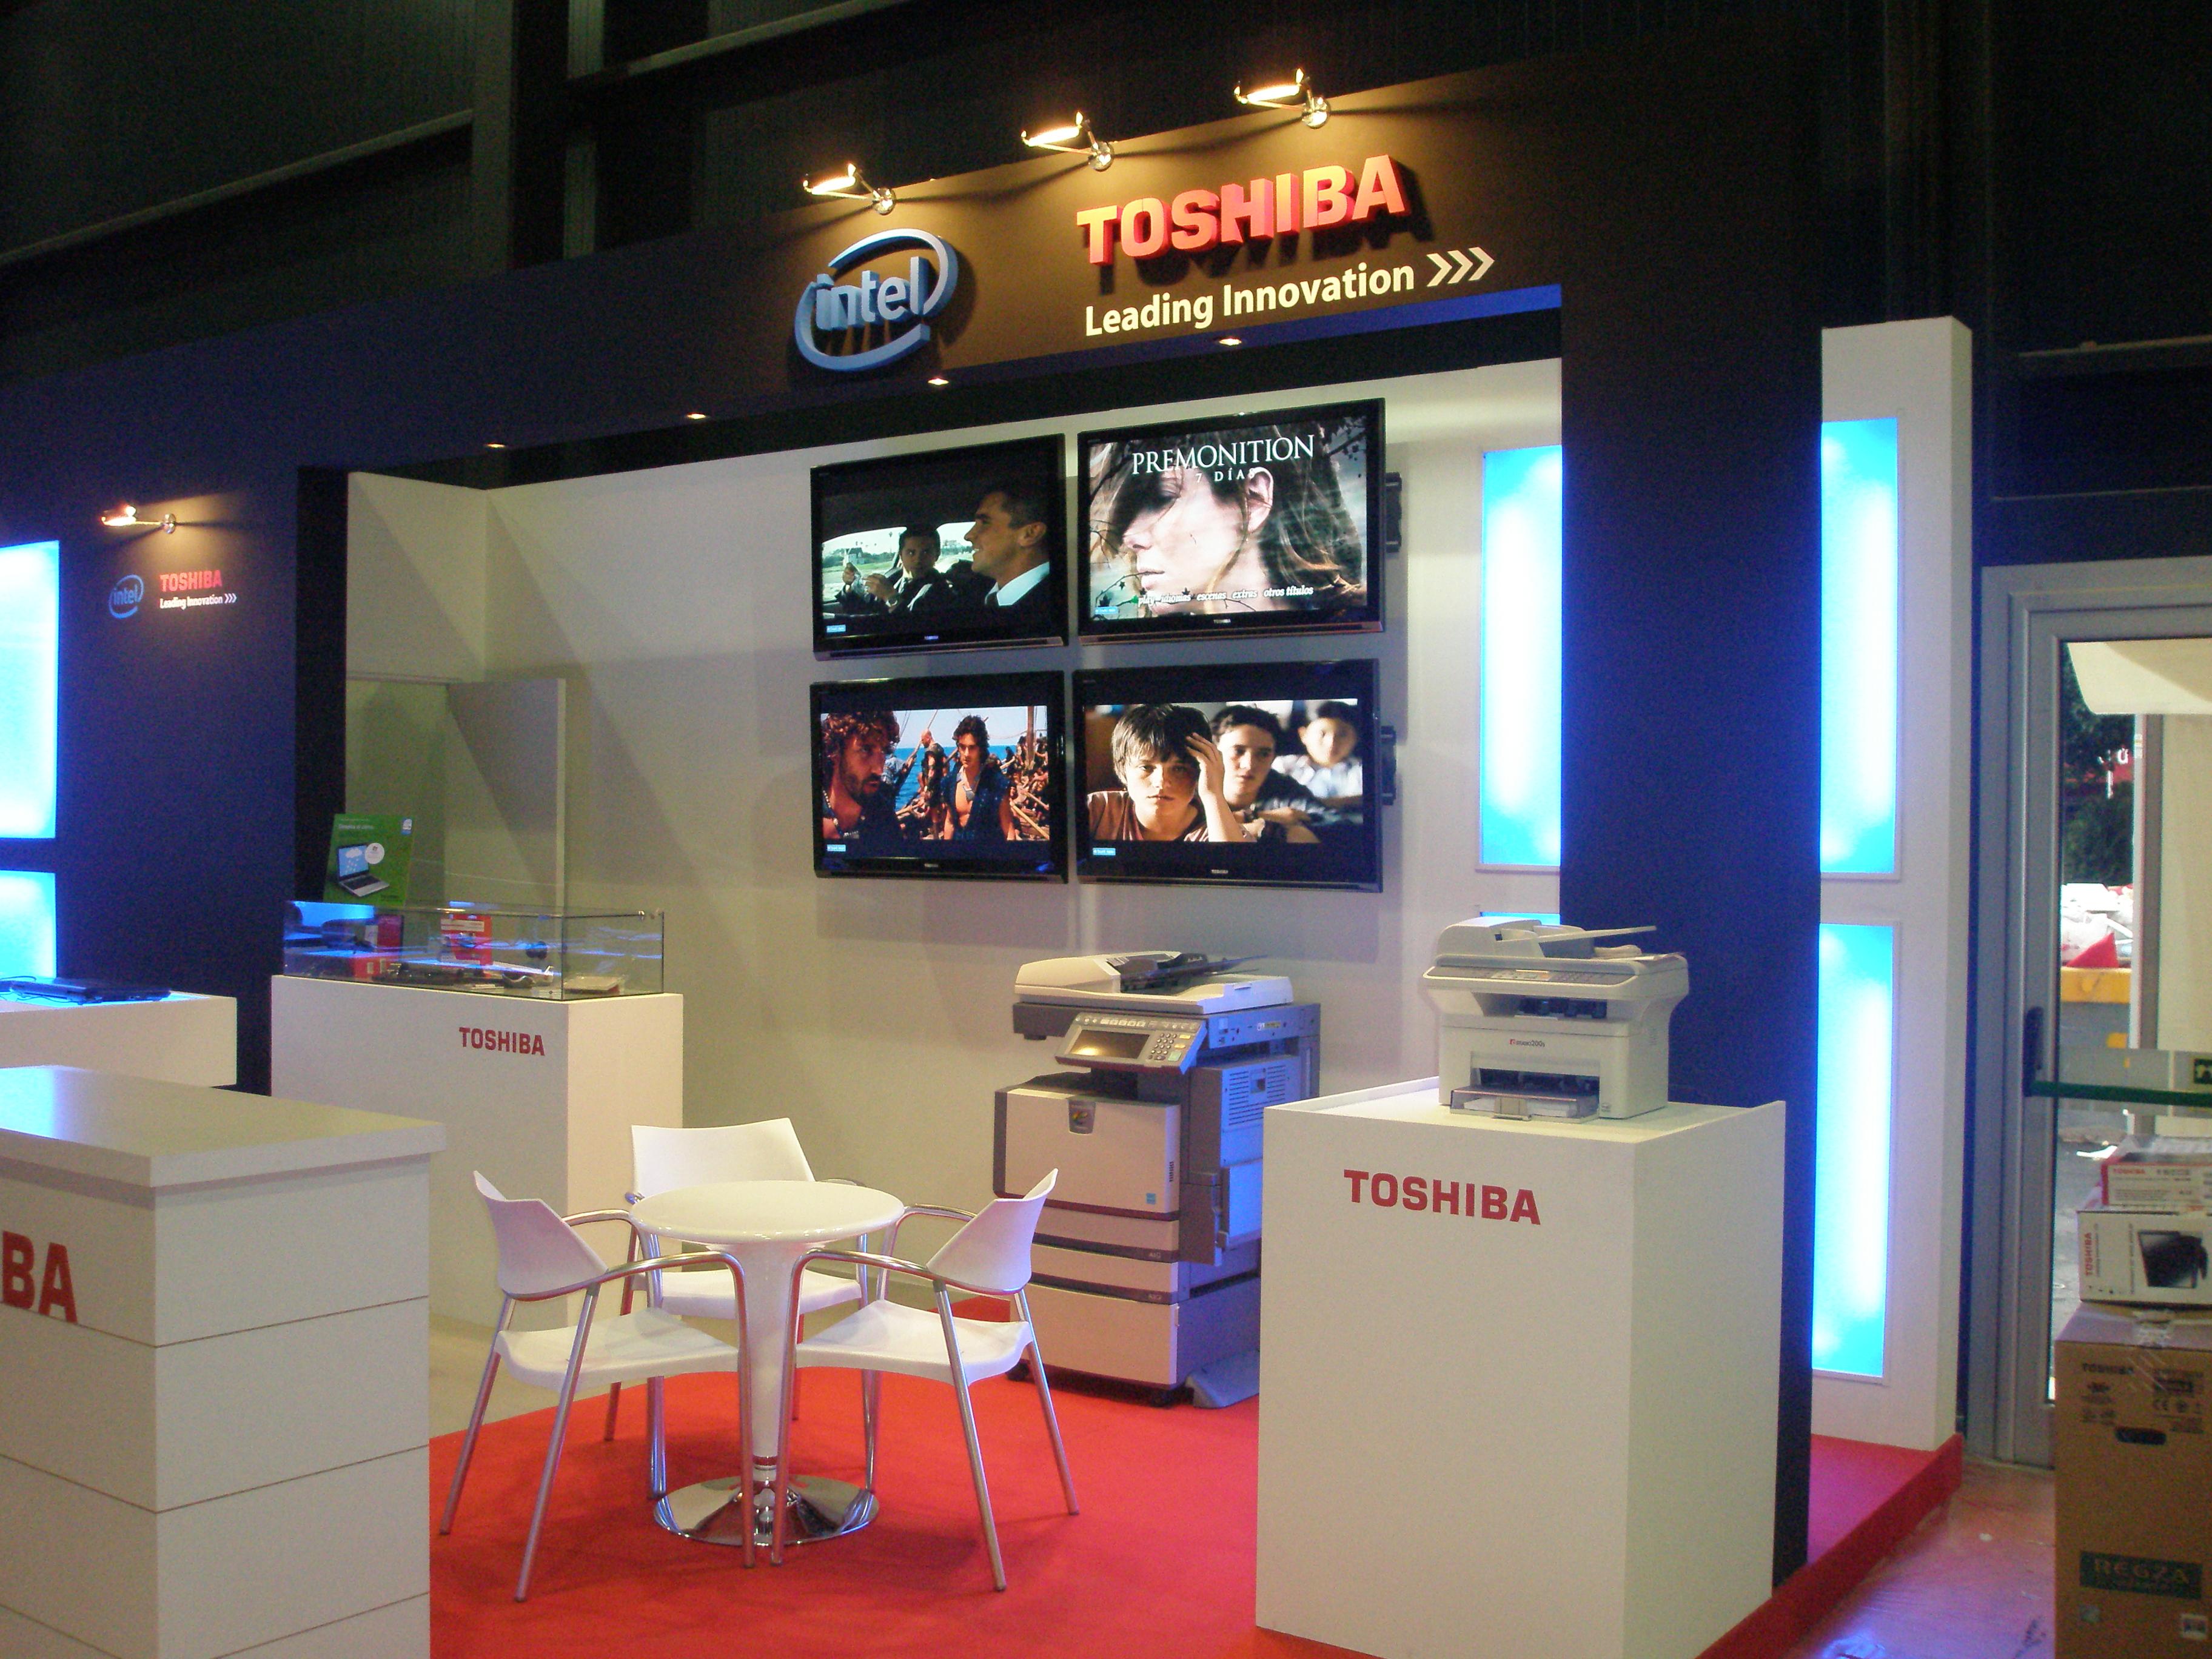 Stand_Toshiba_Gijón_(3).JPG